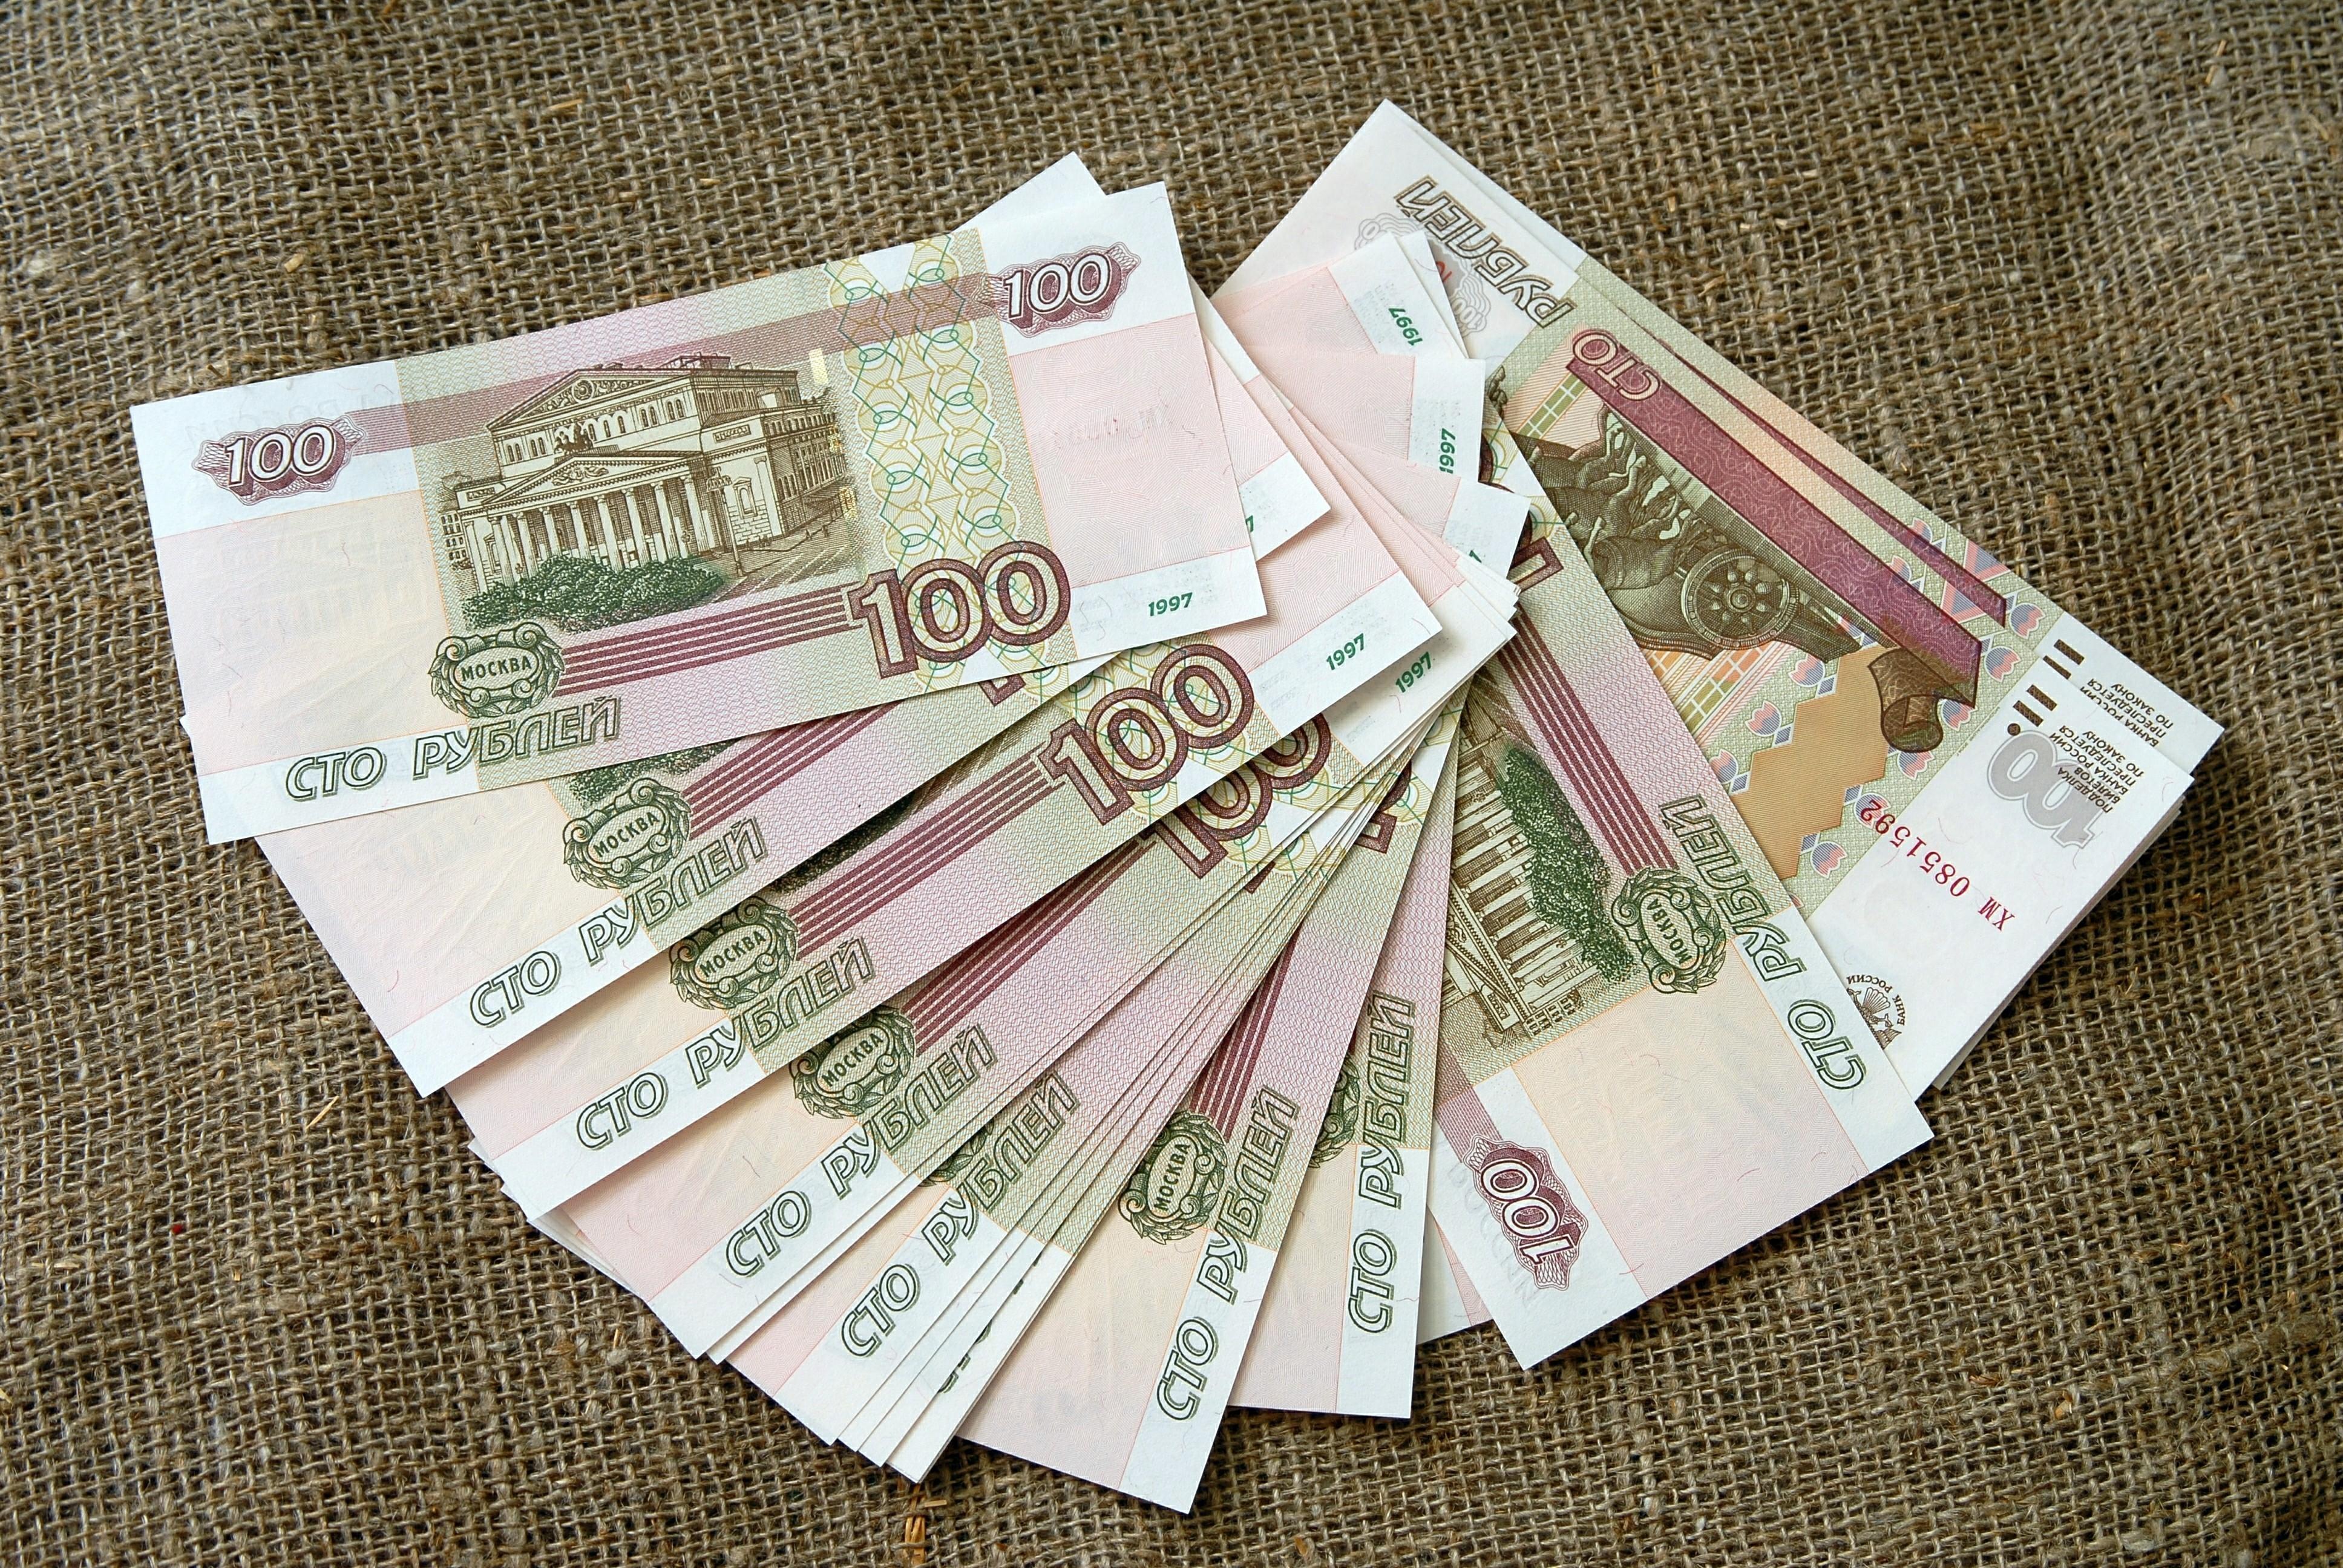 как положить деньги на киви кошелек через сбербанк онлайн другому